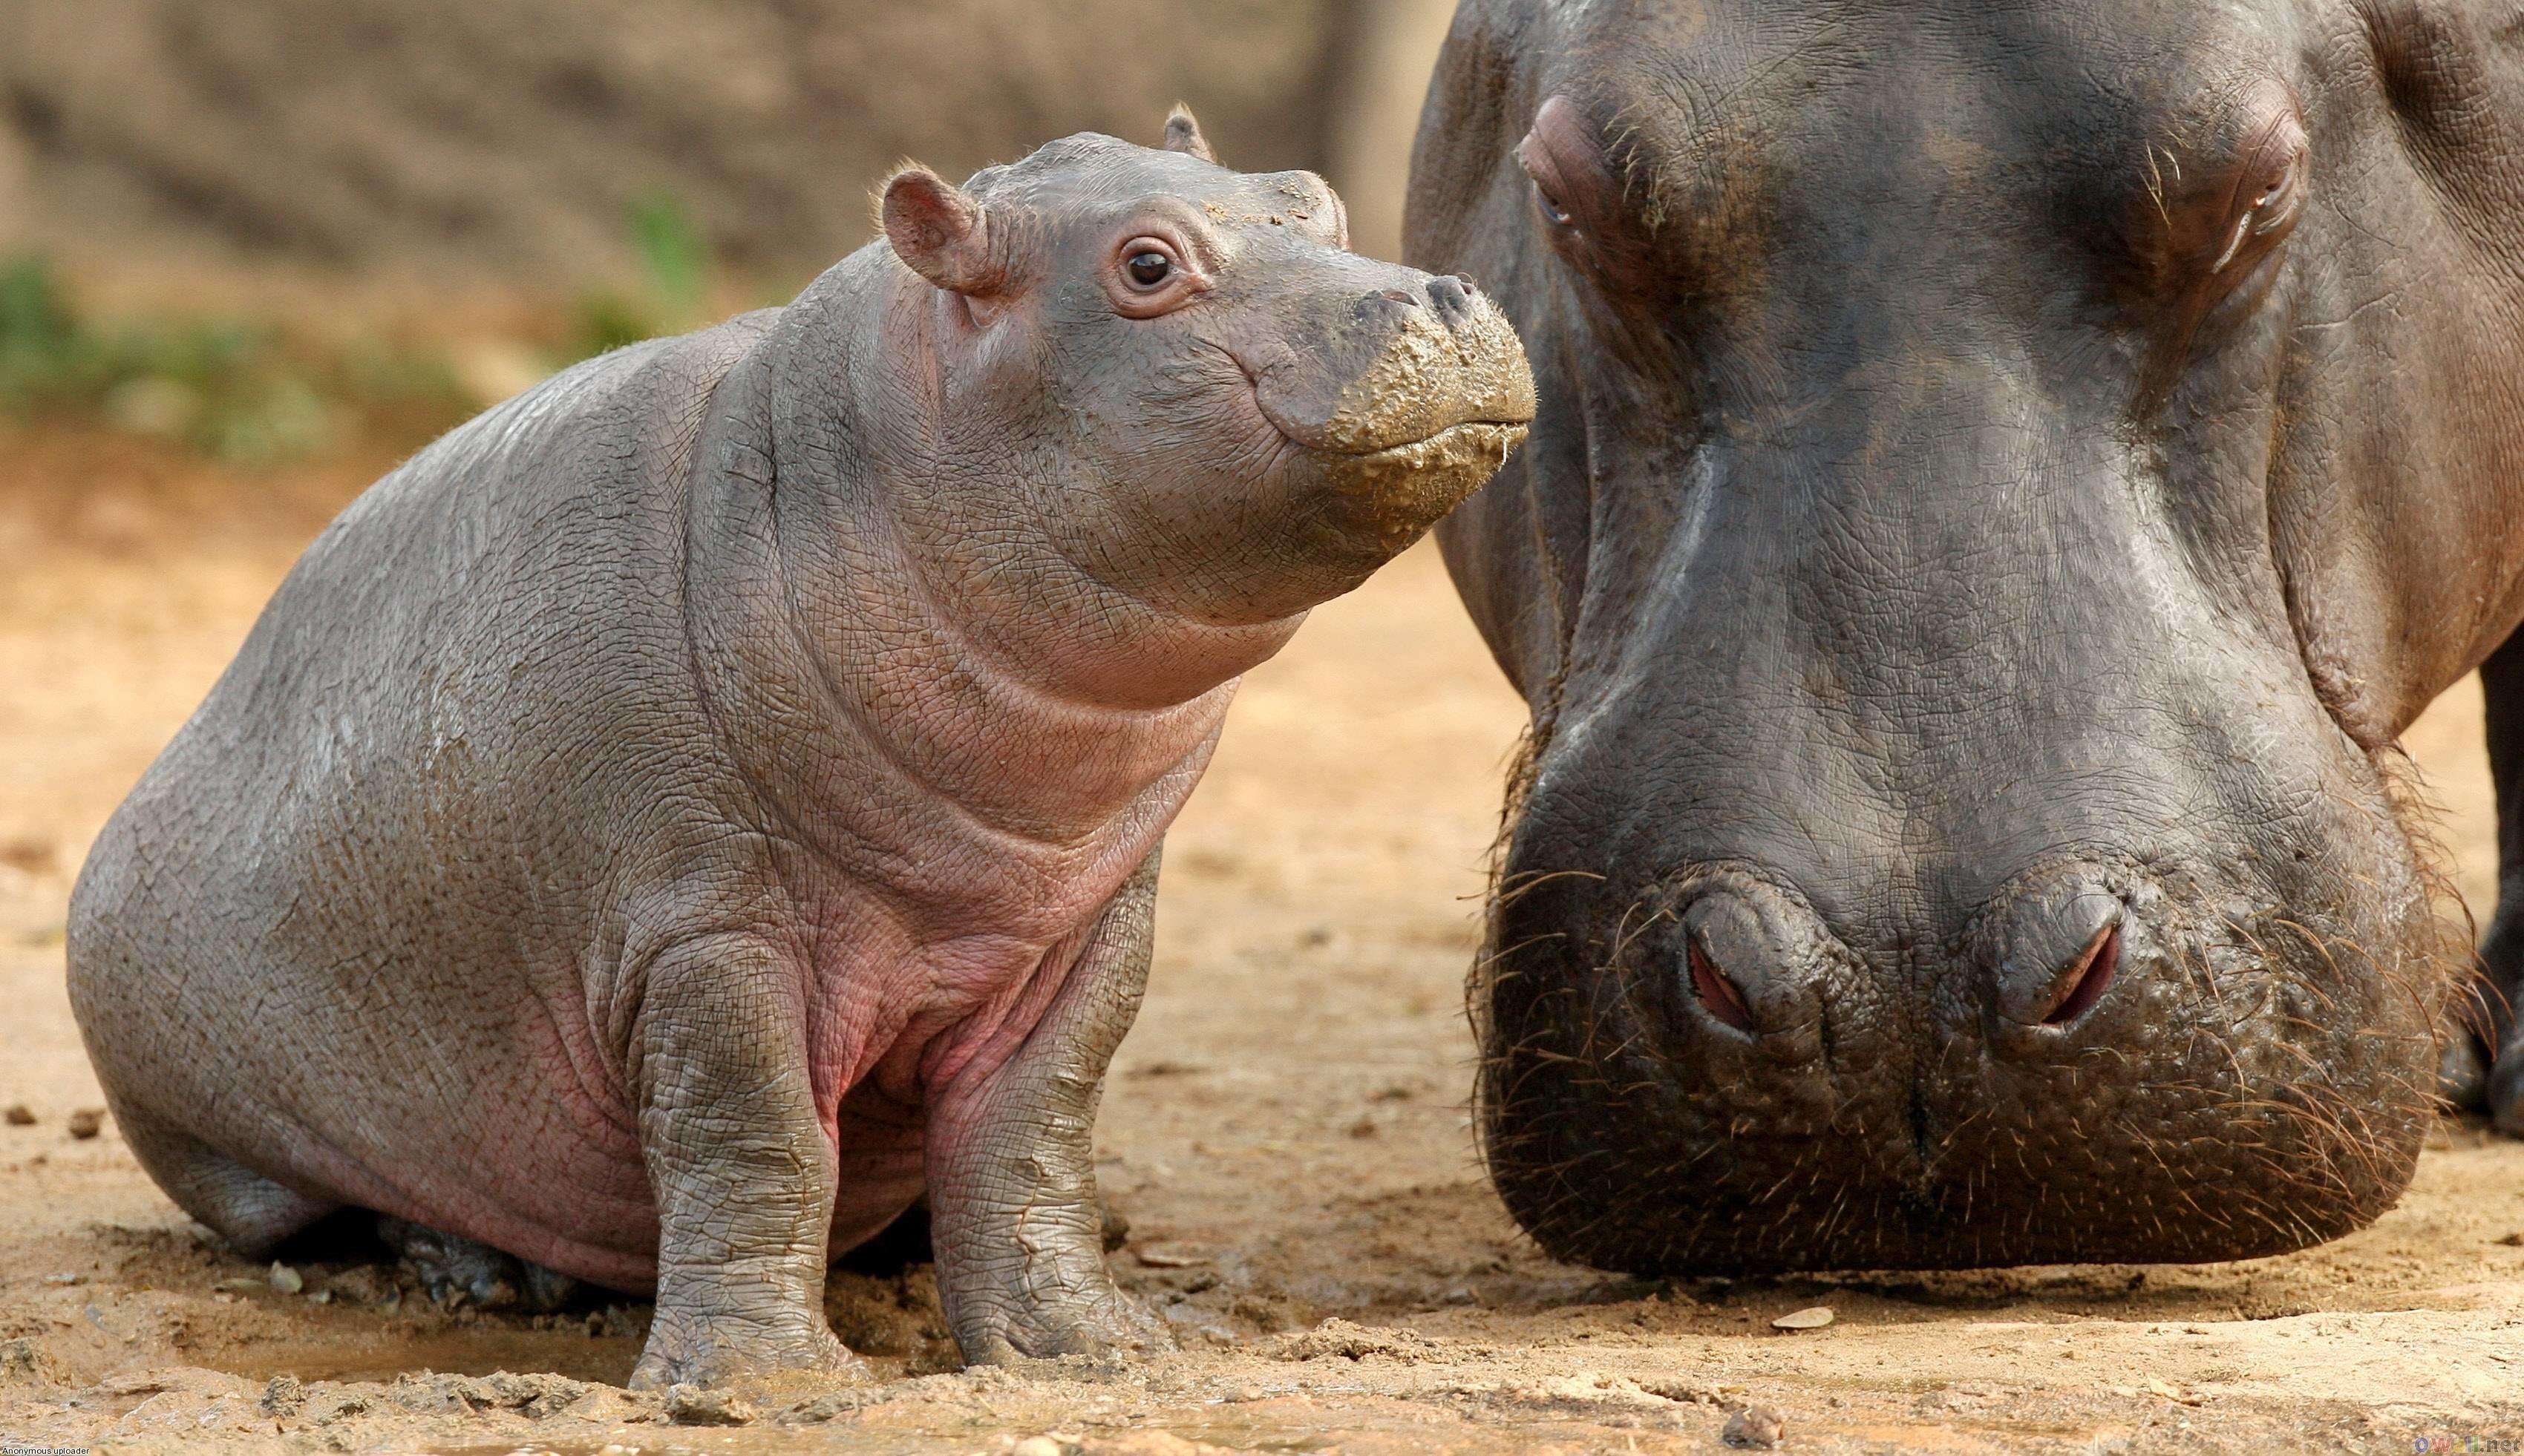 Baby Hippopotamus Wallpaper